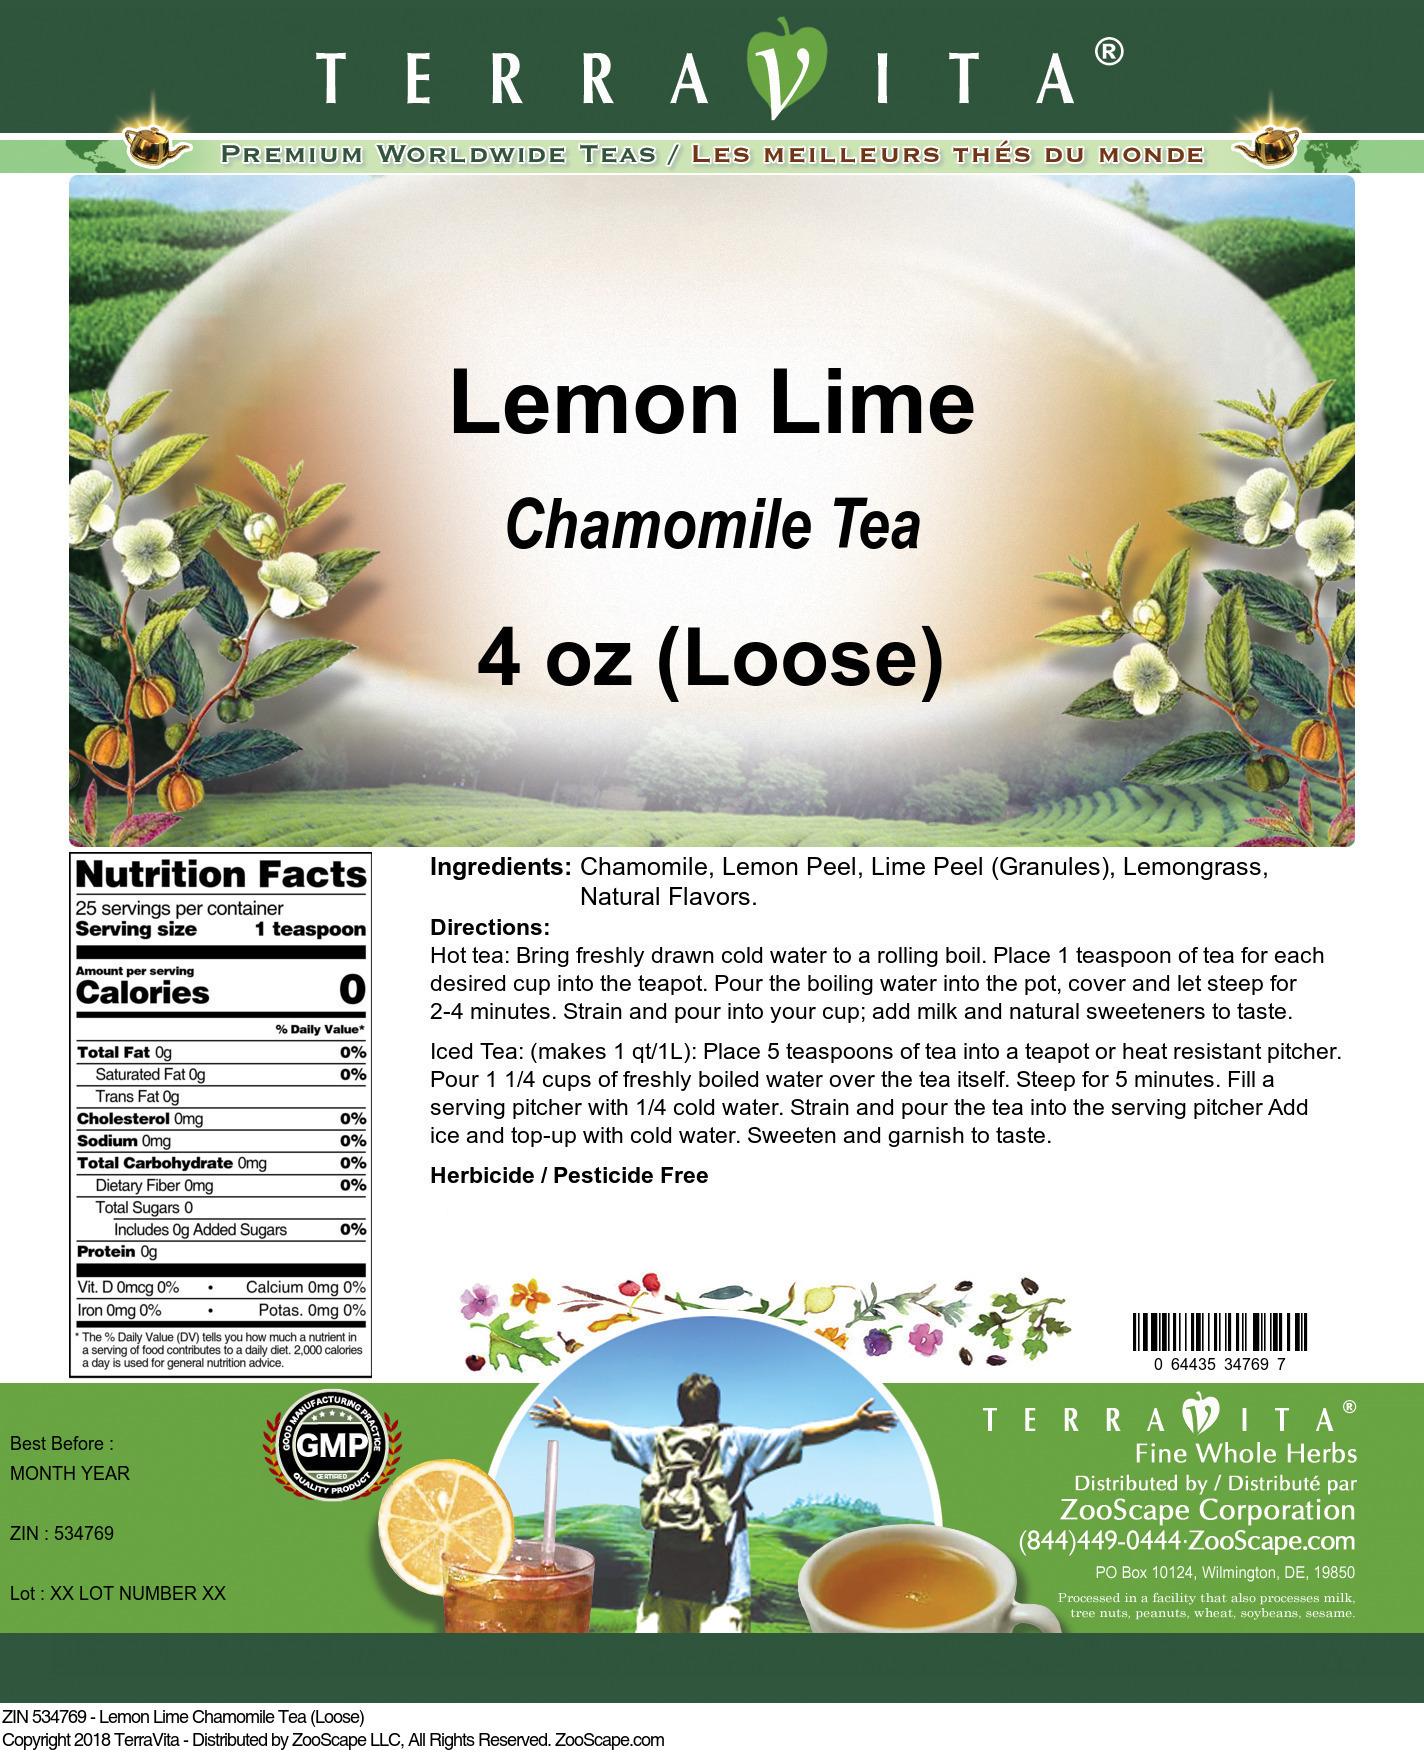 Lemon Lime Chamomile Tea (Loose)